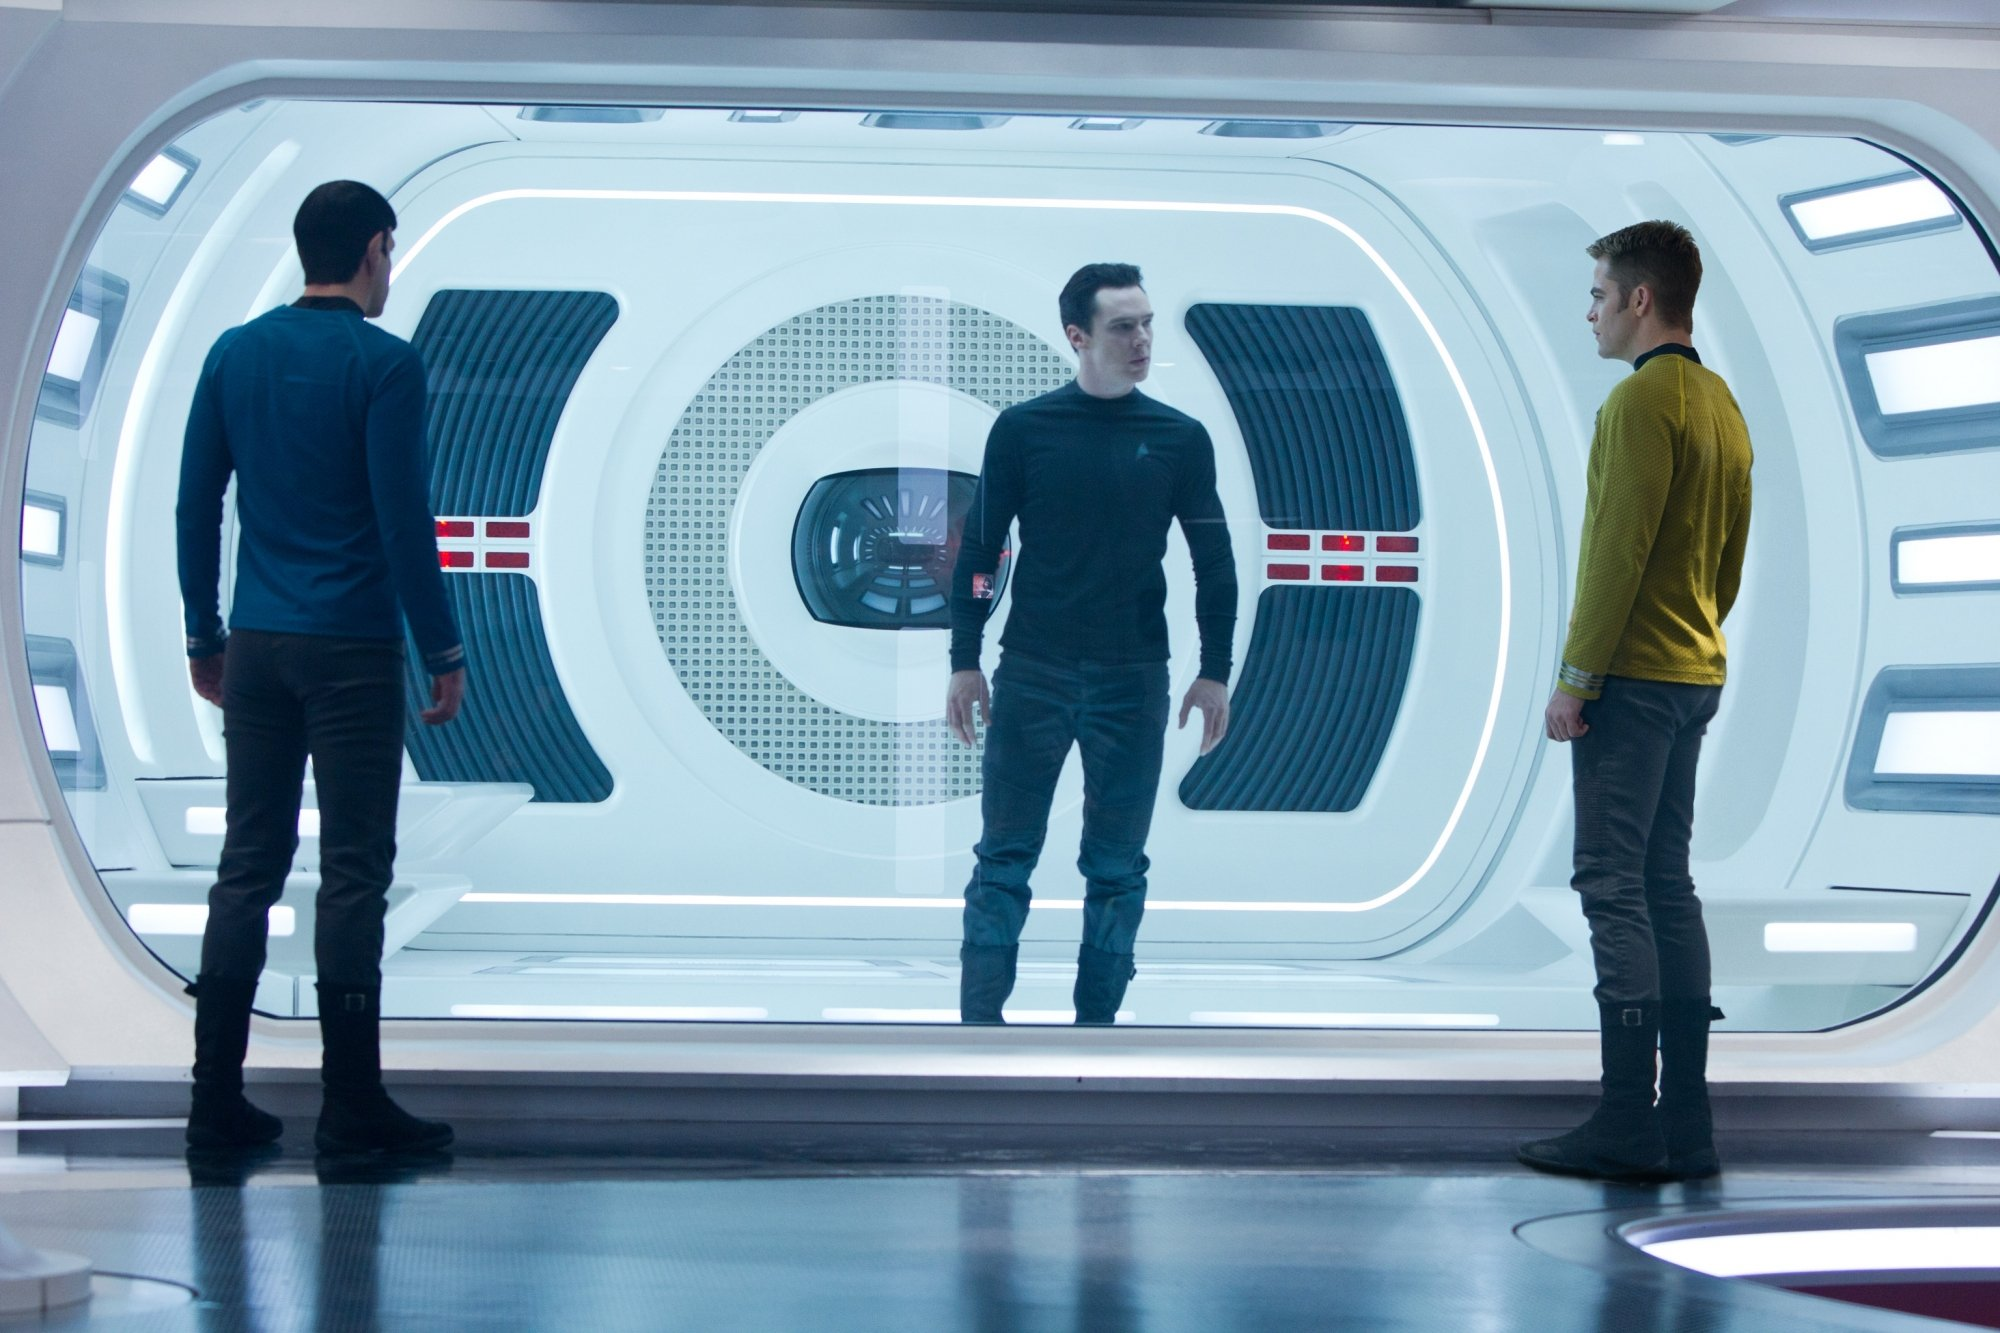 Watch Star Trek Into Darkness